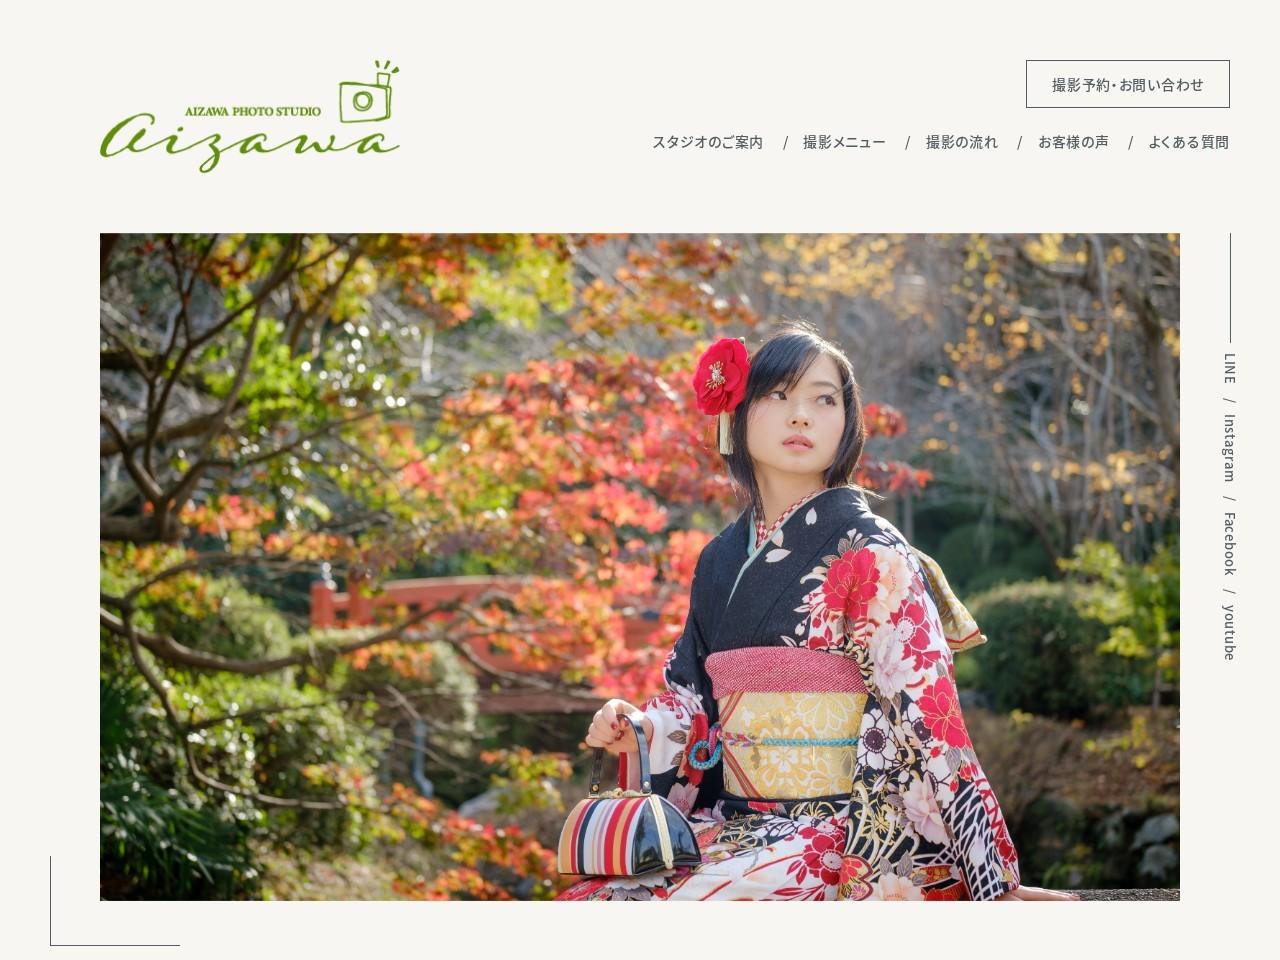 鳥取県|三朝町の写真館|相沢スタジオのホームページ